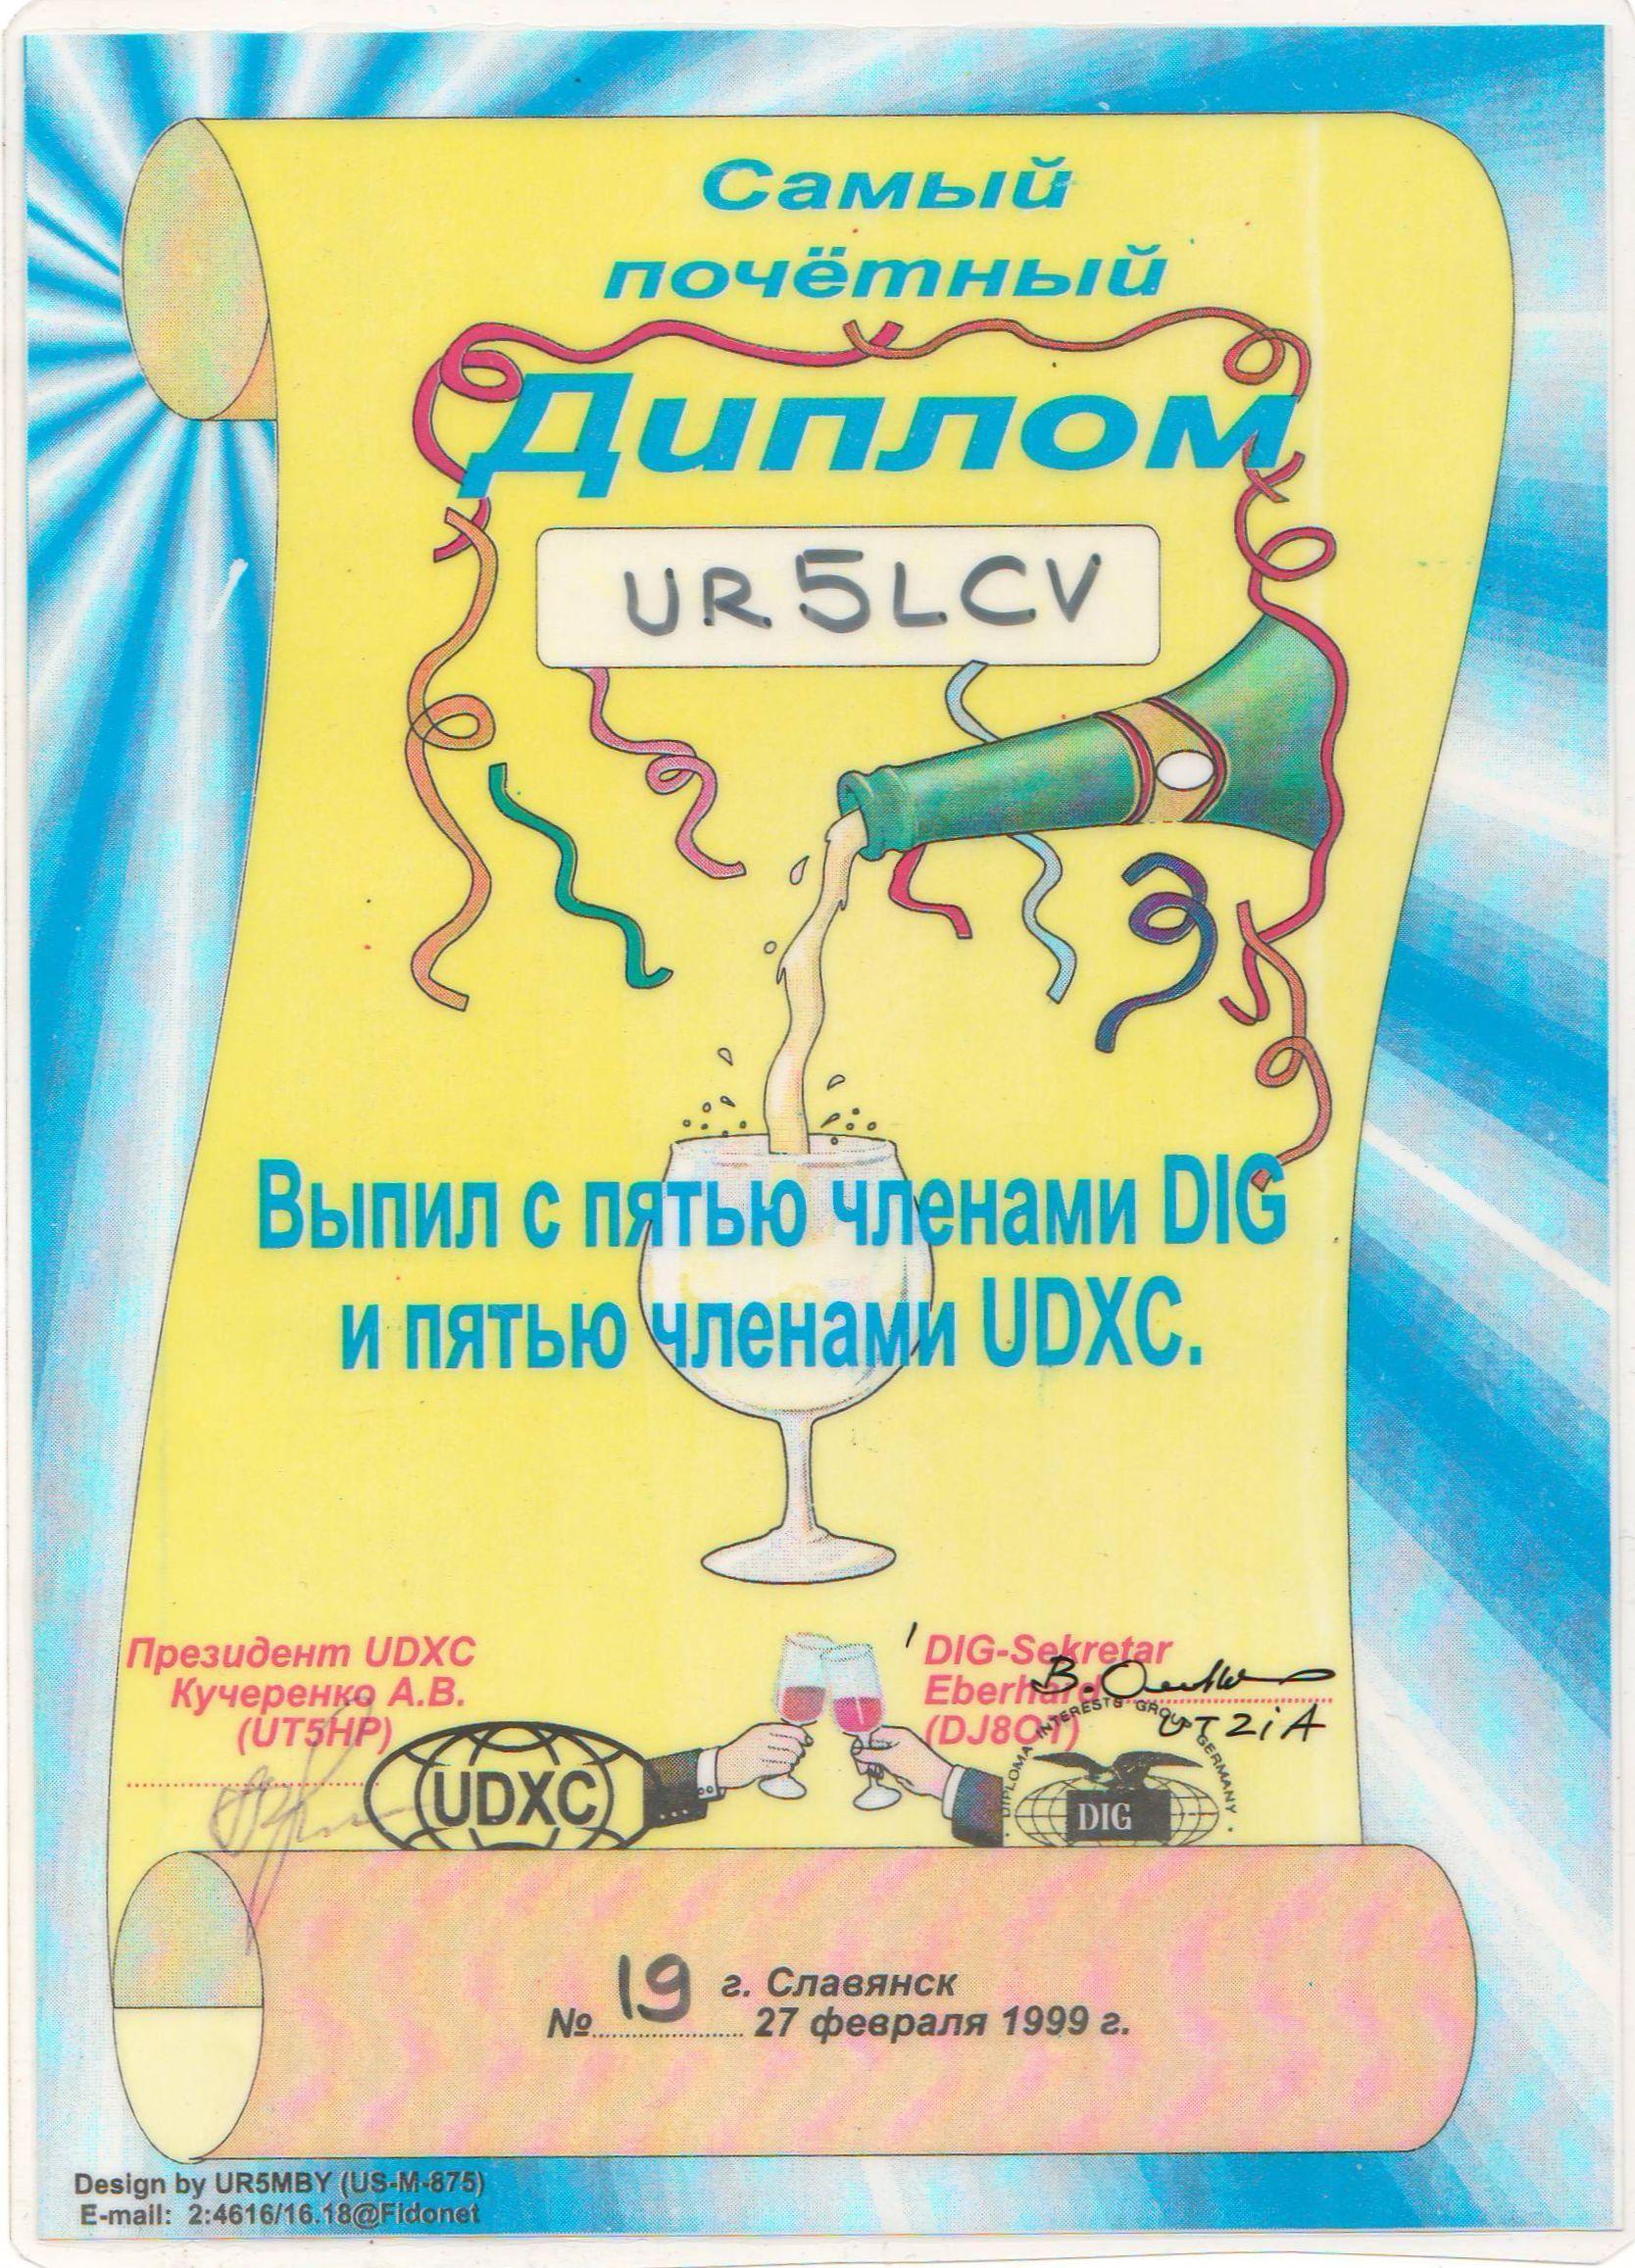 Нажмите на изображение для увеличения.  Название:UR5LCV-DIG-UDXC-diplom.jpg Просмотров:1175 Размер:578.1 Кб ID:105505